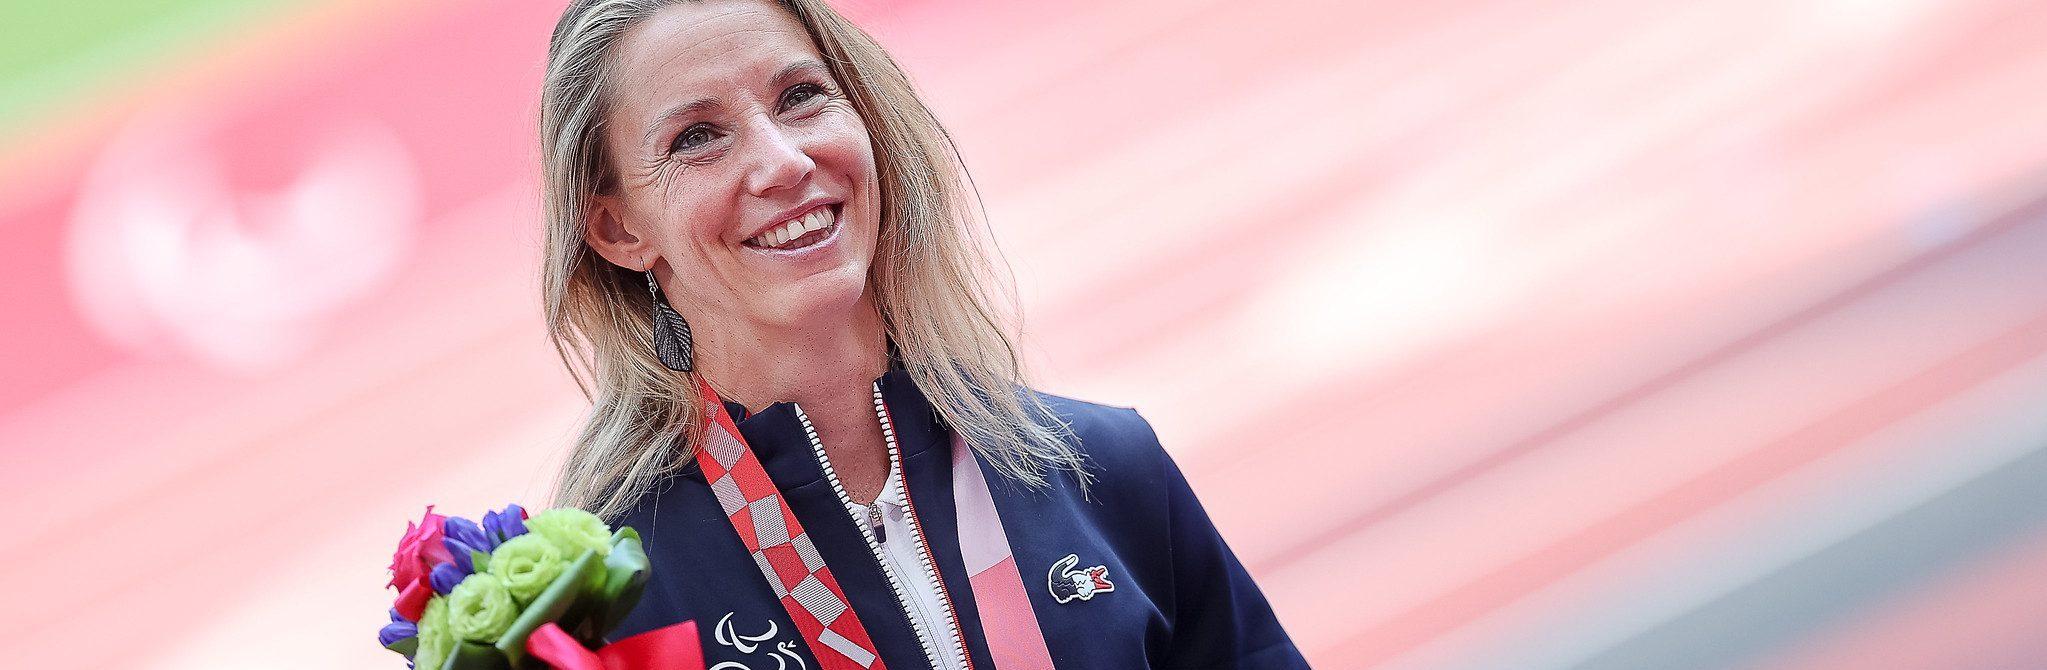 Marie-Amélie Le Fur s'est emparée de la médaille d'argent